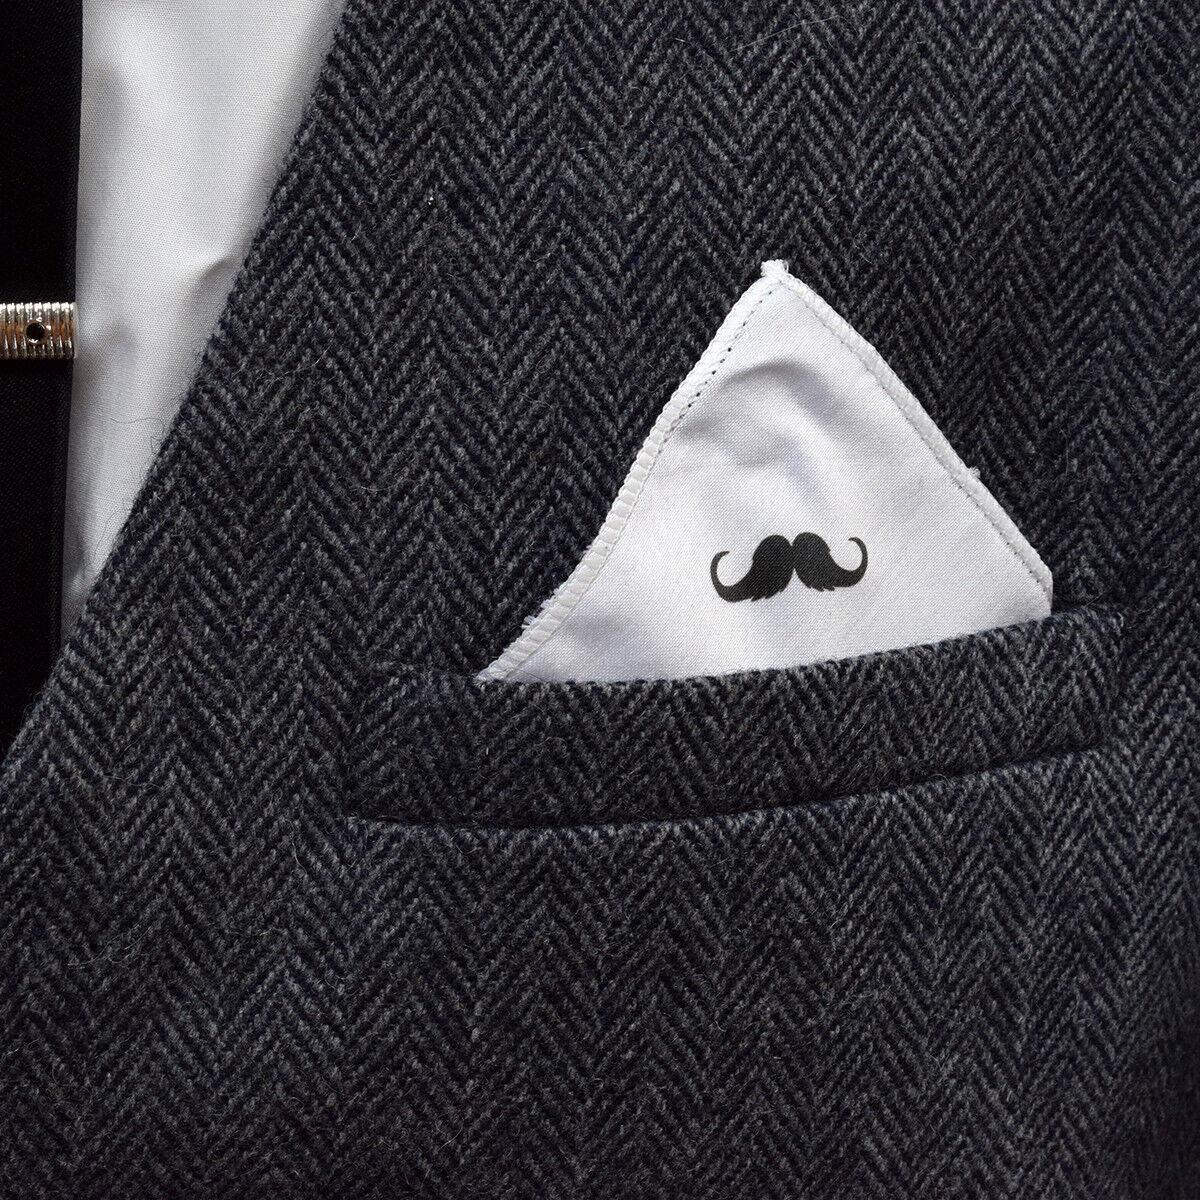 Diseño de bigote rizado con punta de bolsillo cuadrado blanco XPS006